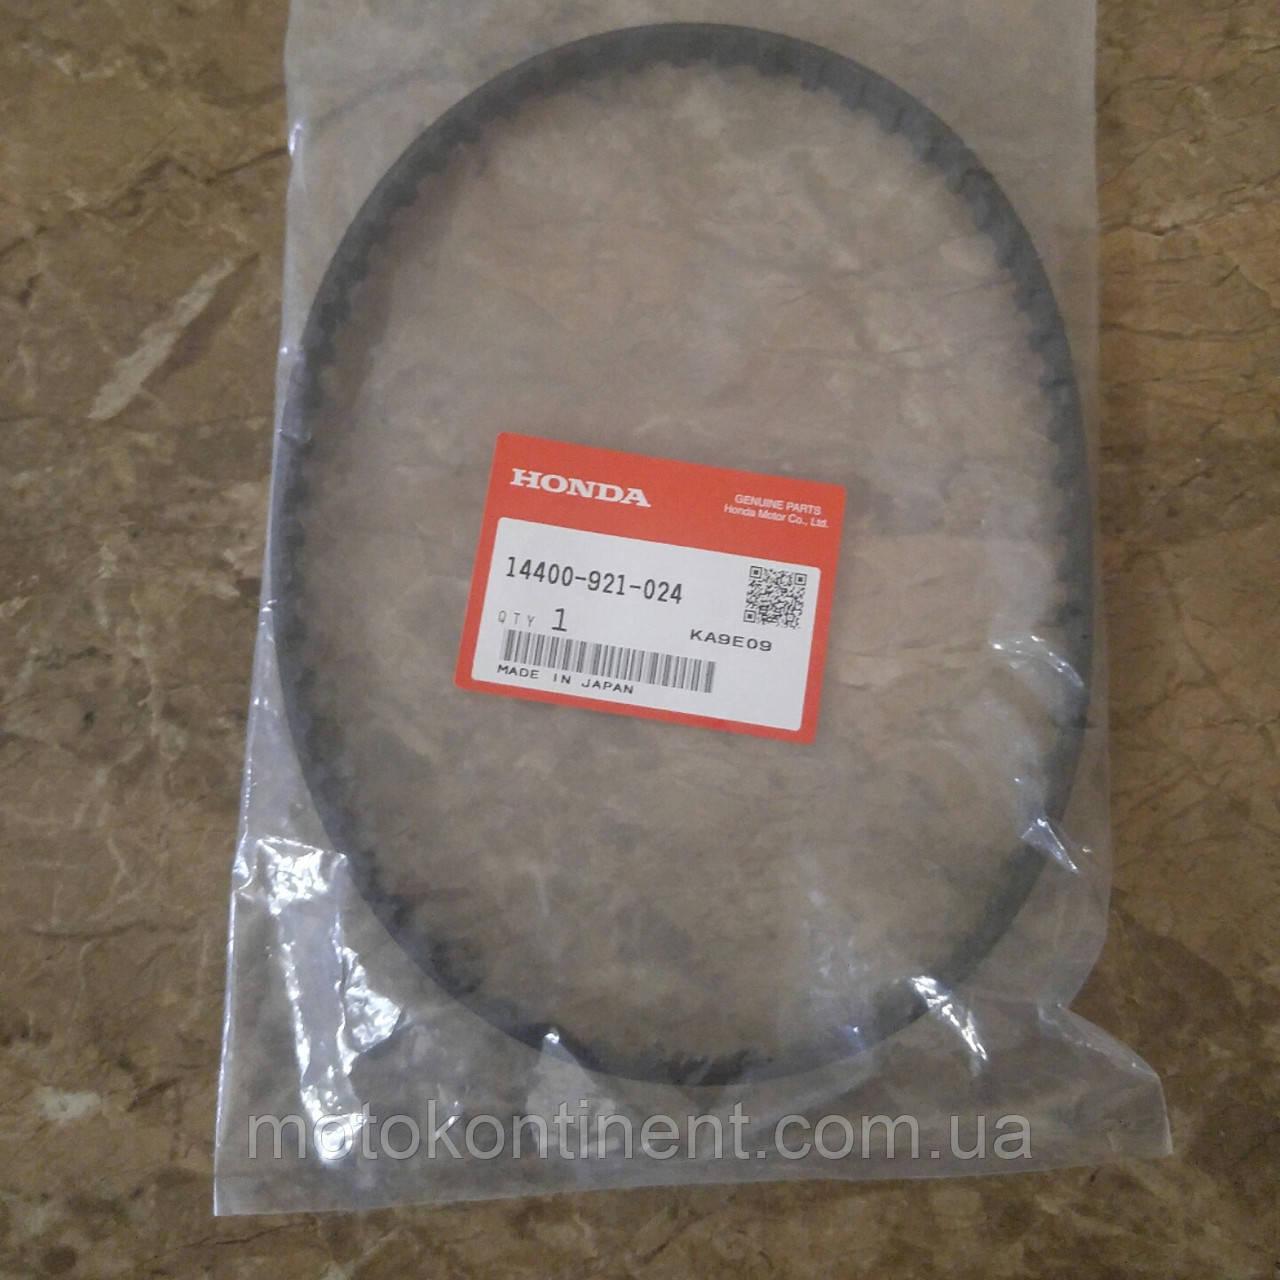 14400-921-024 Ремень ГРМ HONDA BF6 / BF8 / BF10 (старого образца)